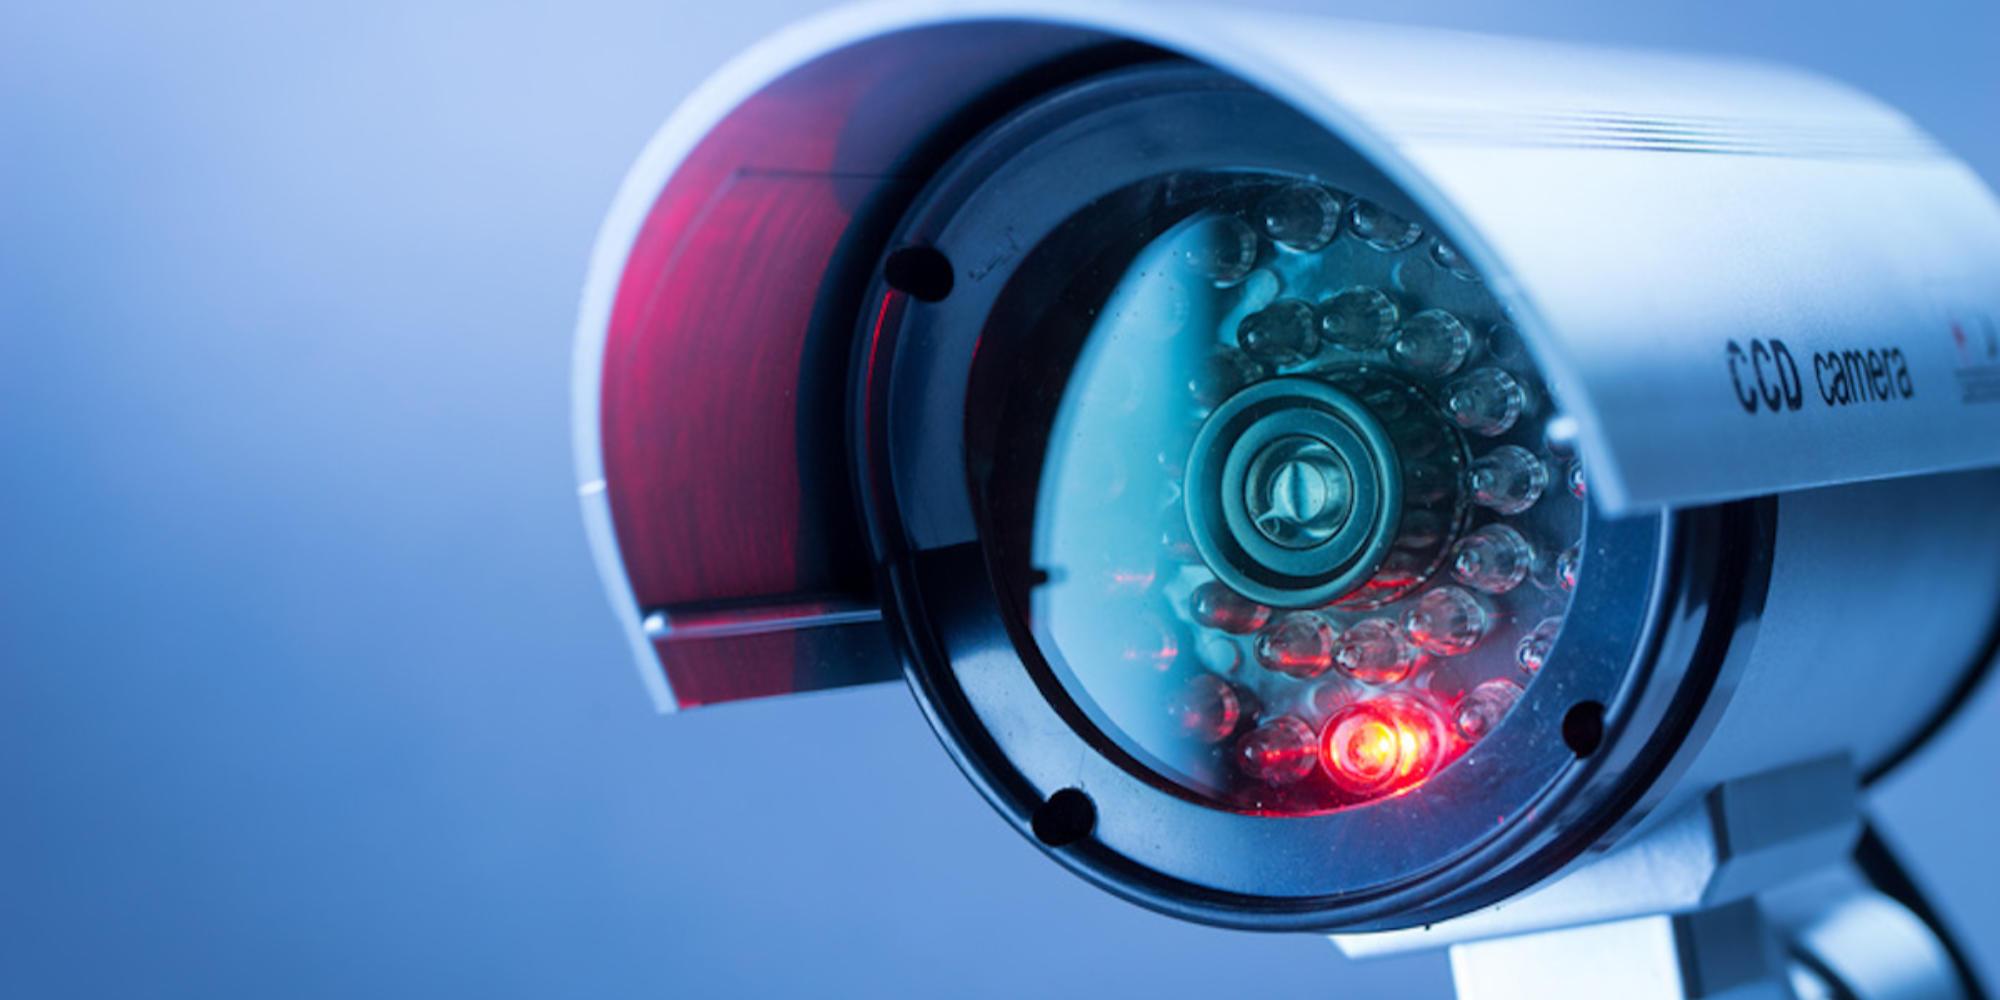 Comment marche une caméra de surveillance sans fil?